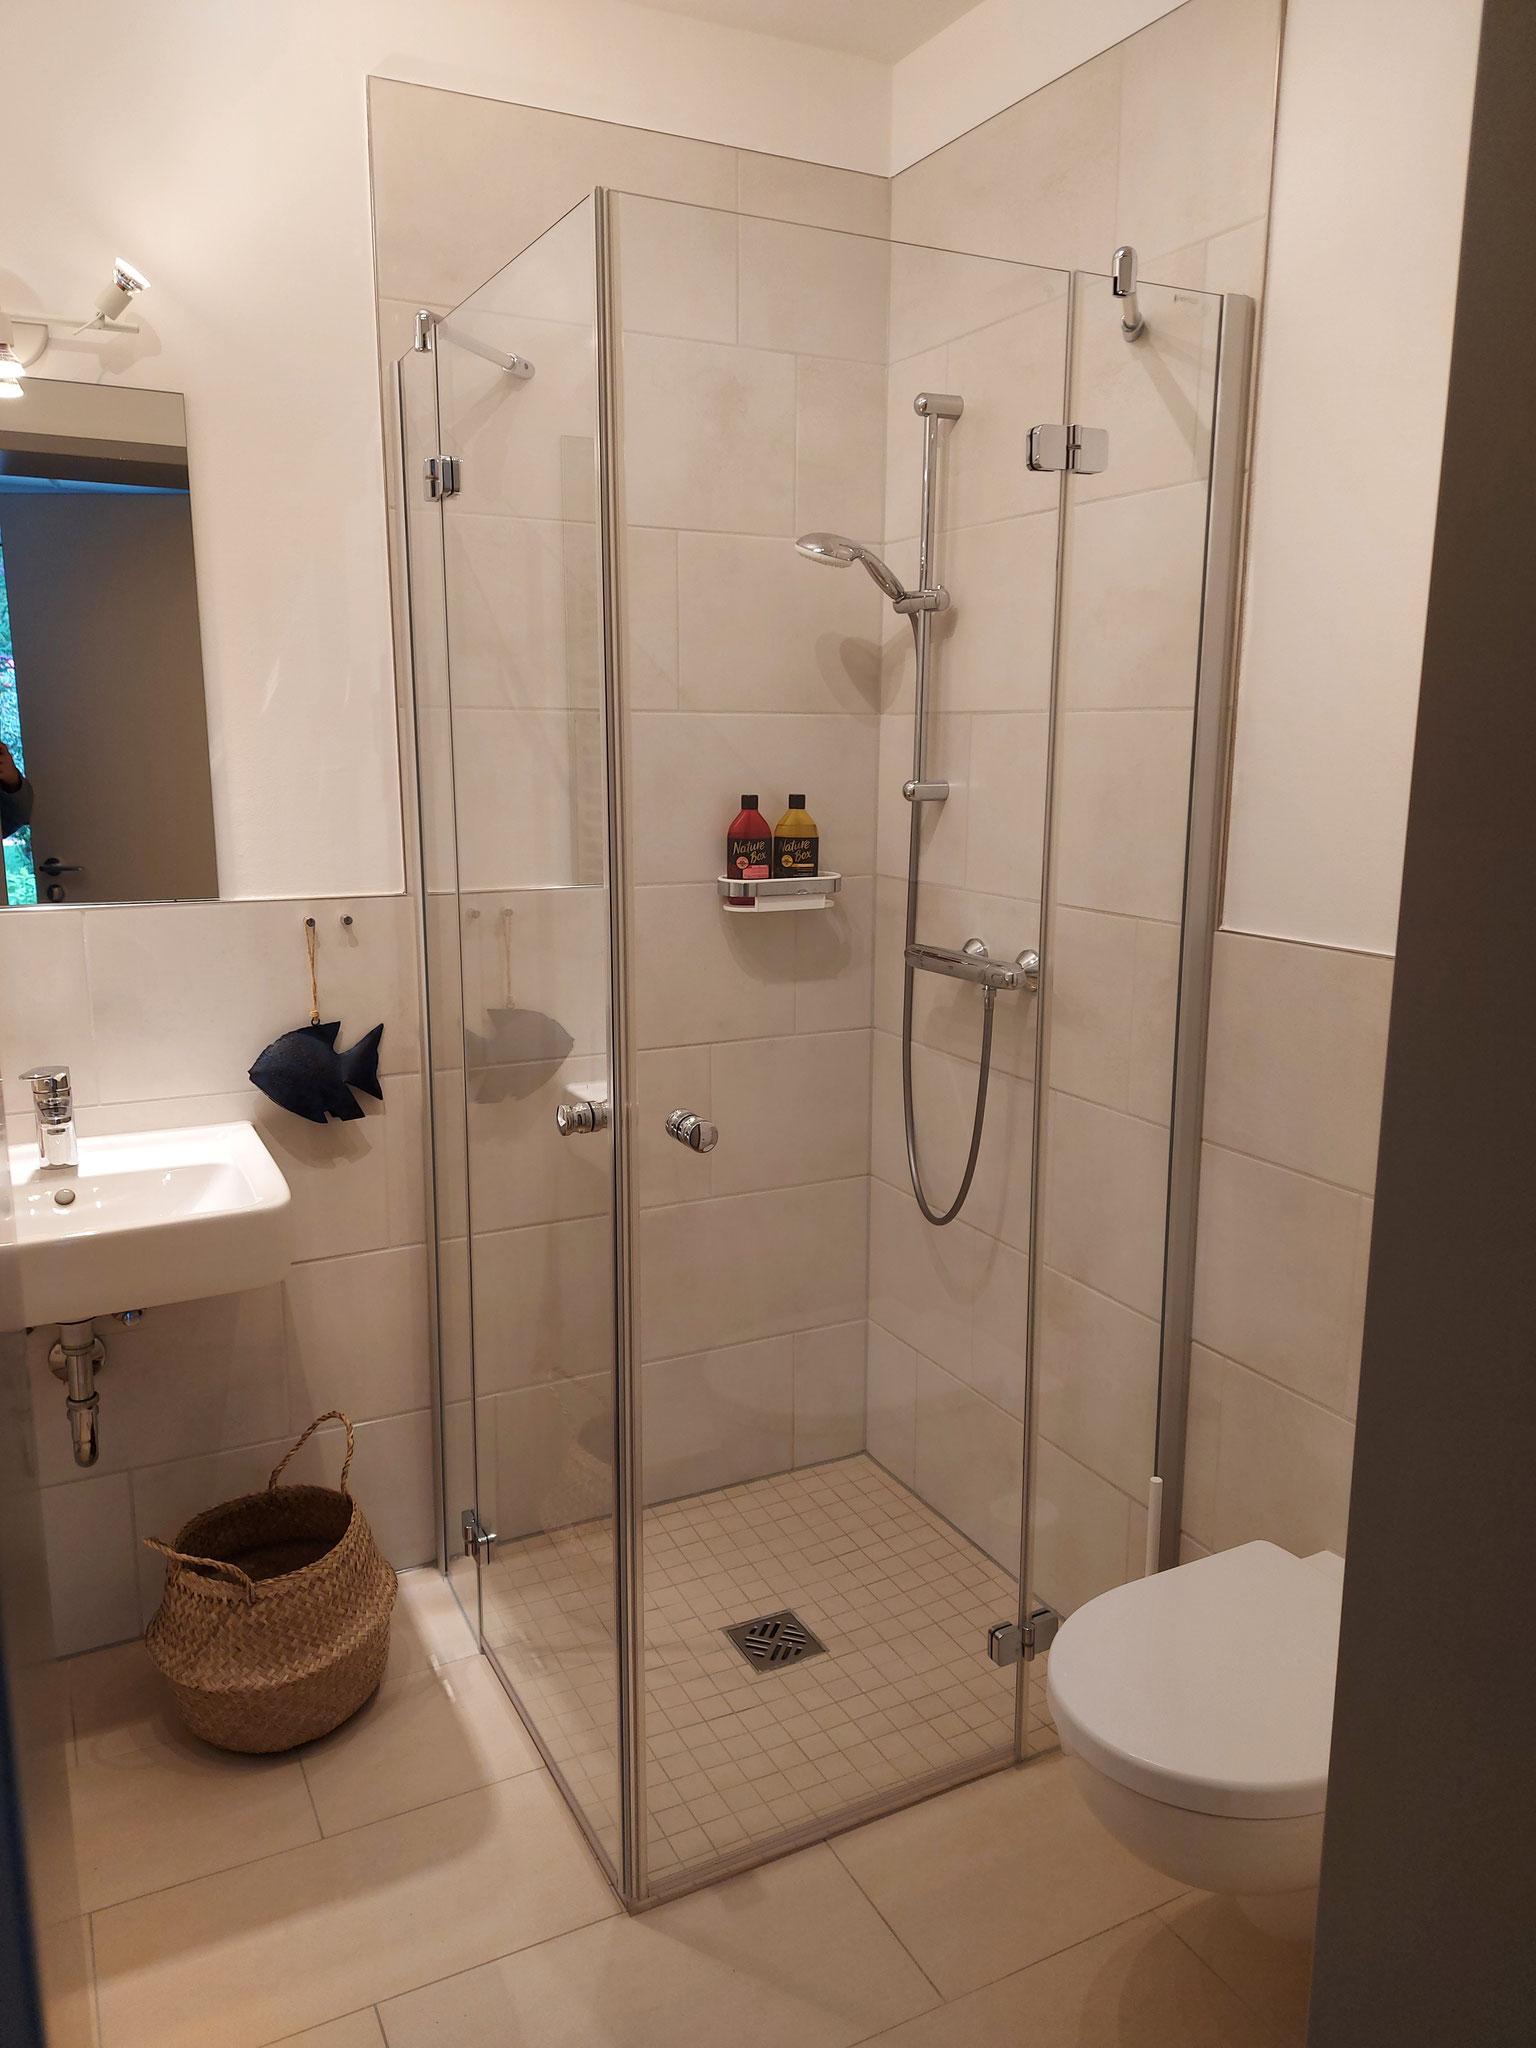 Nach der Massage kannst du hier duschen